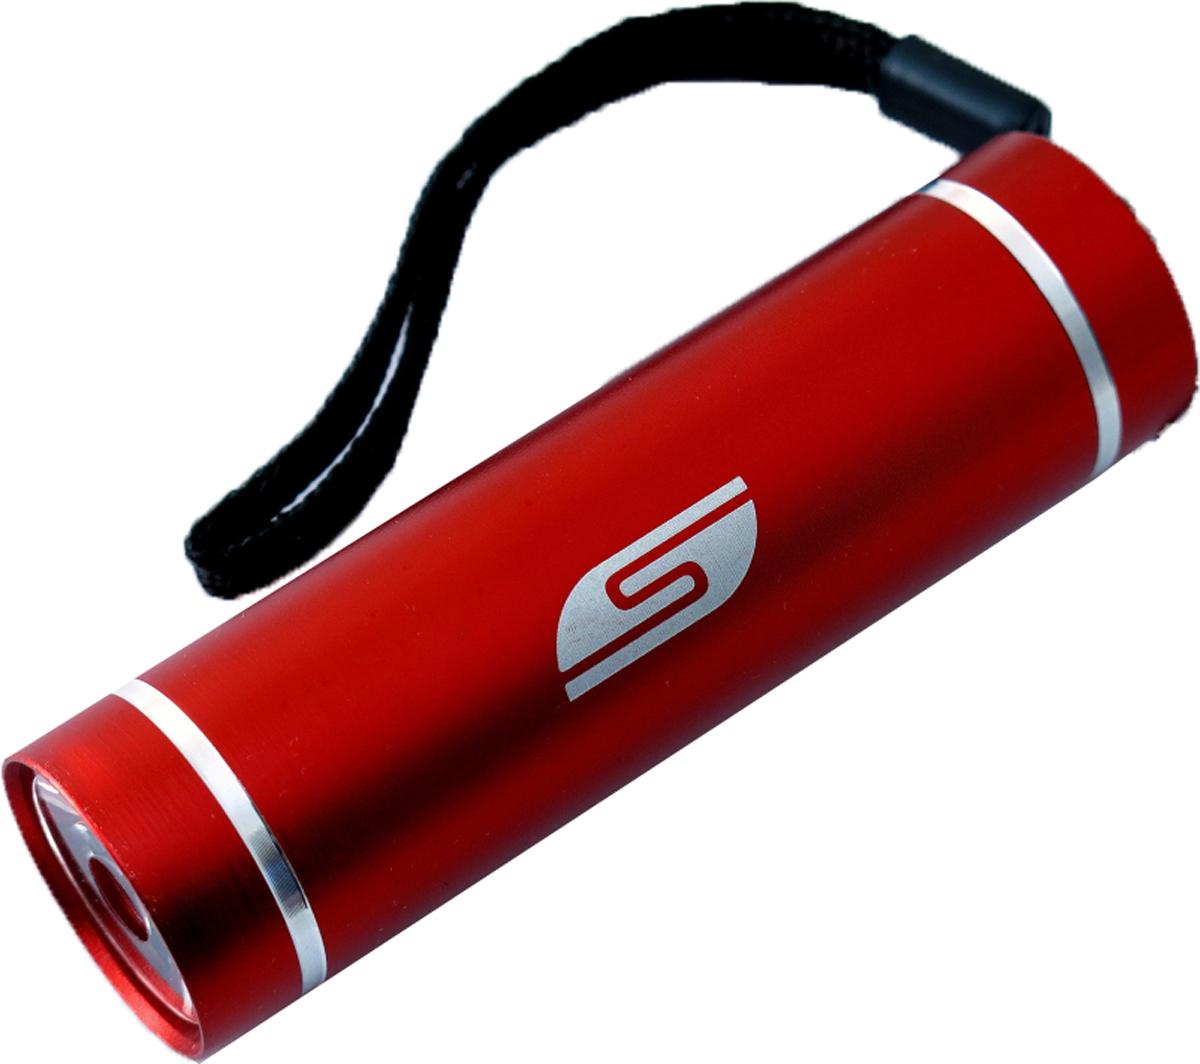 Фонарь SolarisT-5, ручной, цвет: красныйKOC2028LEDКарманный фонарь, подходит для ежедневного ношения. Фонарь выполнен из качественного алюминия с защитным анодированием корпуса. Влагозащищённый - стандарт IPX6. Фонарь снабжен современным светодиодом мощностью 1 Ватт. Мощность светового потока 60 люмен, дальность эффективного излучения света 100 метров. Благодаря длине всего 9 сантиметров и малому весу фонарь идеально подходит для ежедневного ношения в качестве карманного. Кнопка включения в хвостовой части фонаря утоплена в корпус, что исключает случайное нажатие в кармане. Коллиматорная линза направленного действия и светодиод мощностью 1 Ватт обеспечивают фонарю очень приличную дальность освещения 100 метров. Фонарь может применяться в качестве запасного туристического фонаря и источника света для бытовых нужд. Особенности конструкции и эксплуатации фонаря SOLARIS T-5: - Один режим работы фонаря. - Кнопка включения расположена в хвостовой части фонаря. - Фонарь работает от 3-х батарей ААА (в комплект не входят). Кассета для батареек прилагается, находится внутри фонаря. - Время работы фонаря от 3-х батарей ААА: 5 часов. Размеры фонаря: 9 см х 2,6 см.